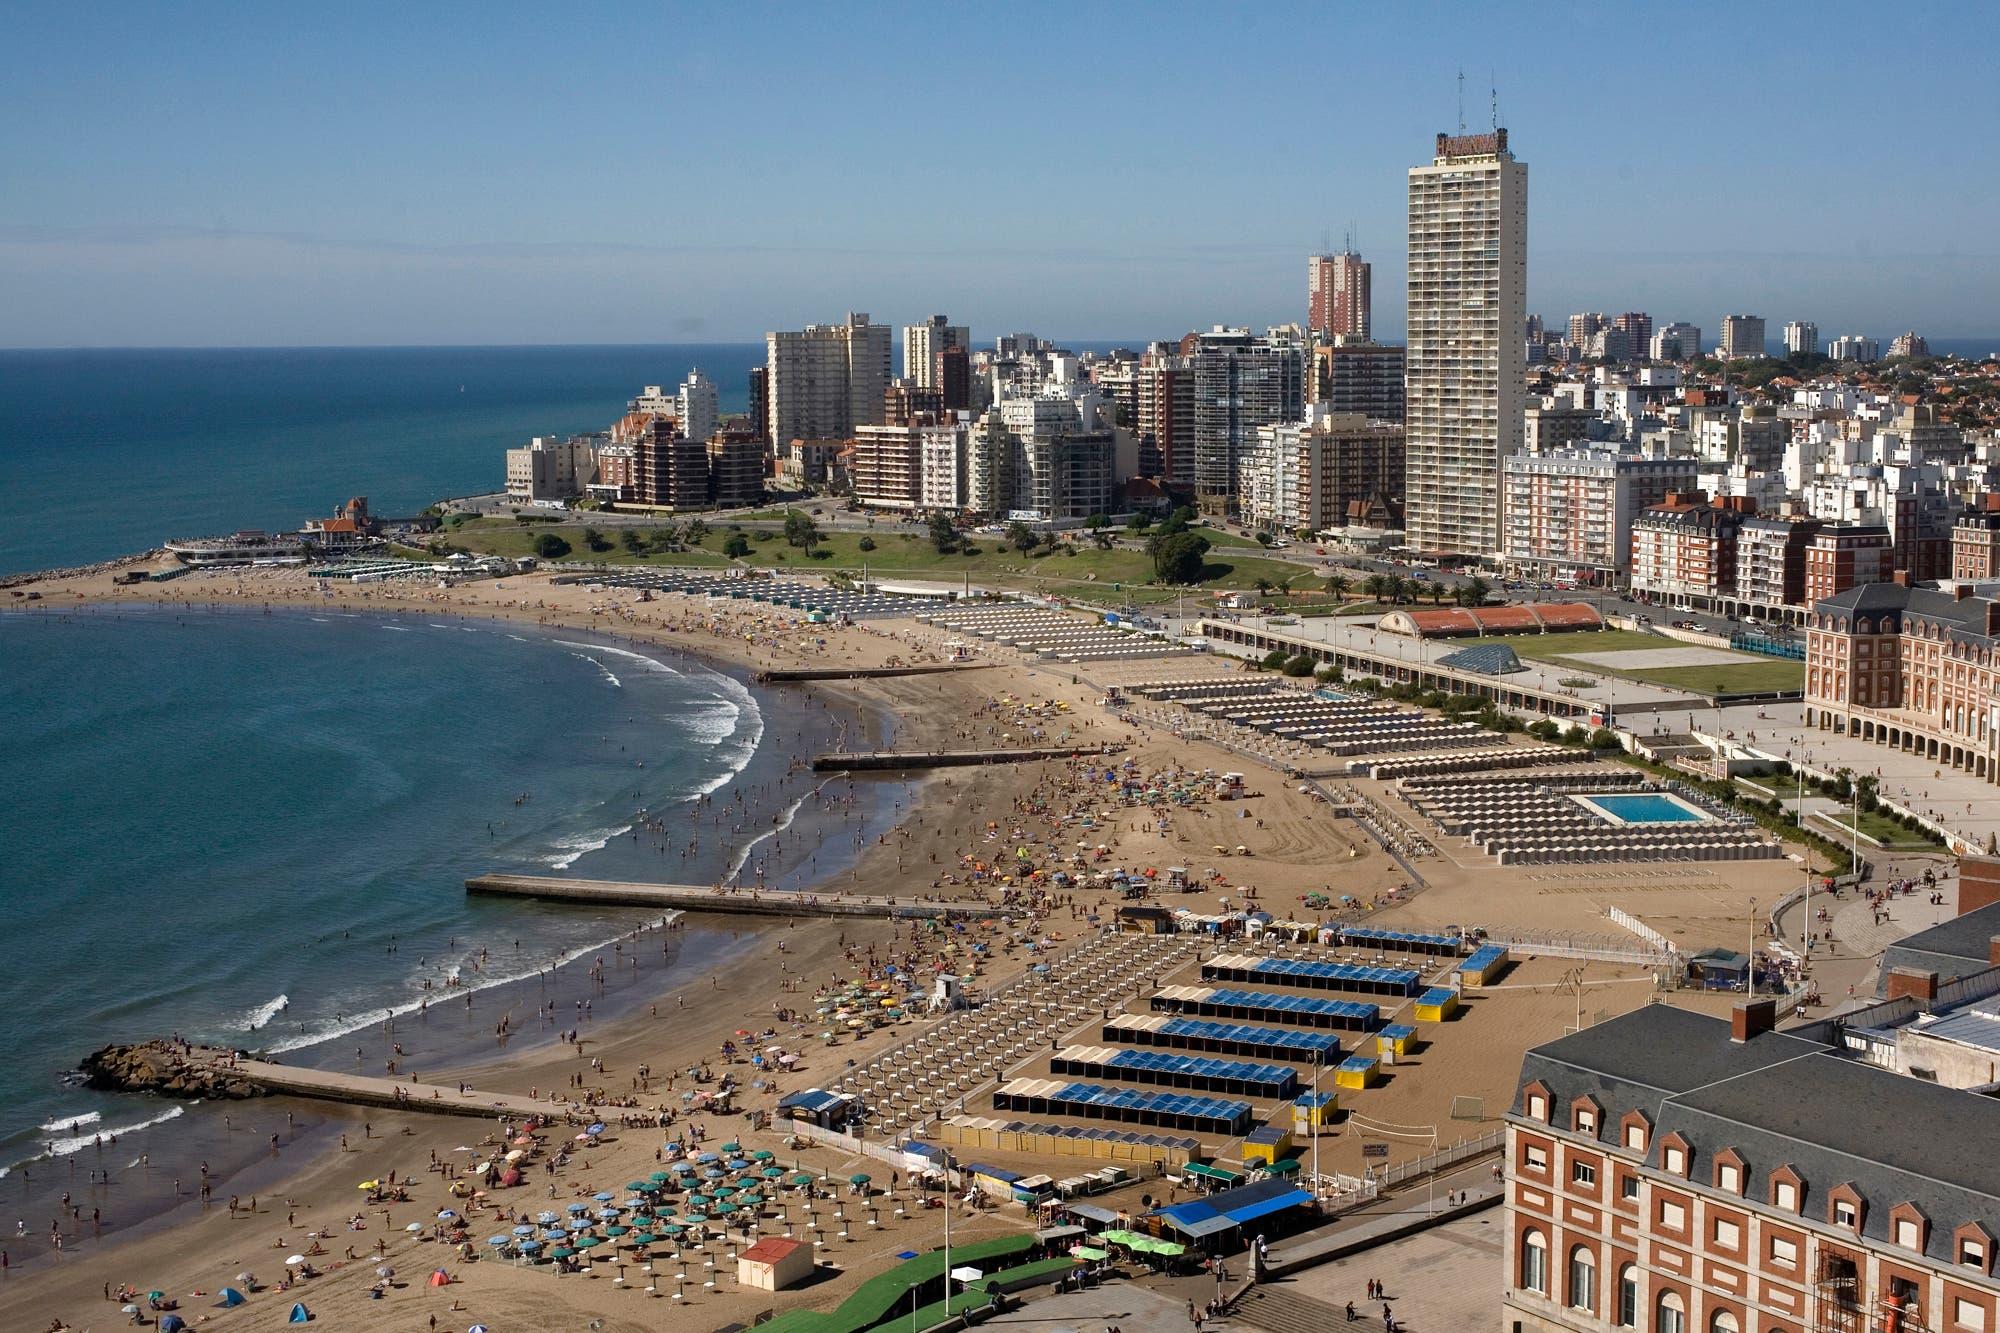 La capital del sur: Mar del Plata